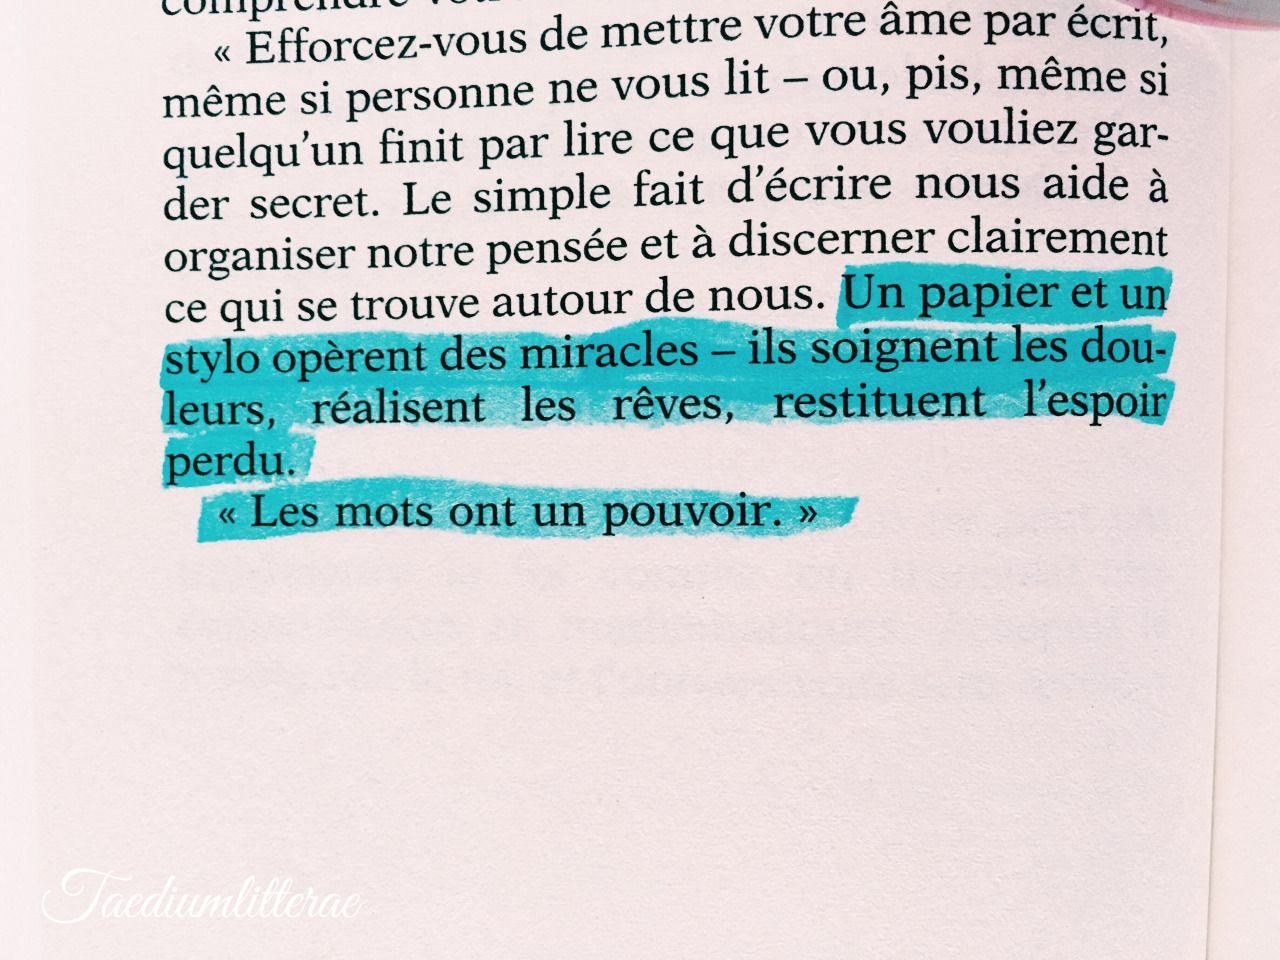 Paulocoehlo Quotes Citations Litterature Literature Paulo Coelho Livres Citation Citation Livre